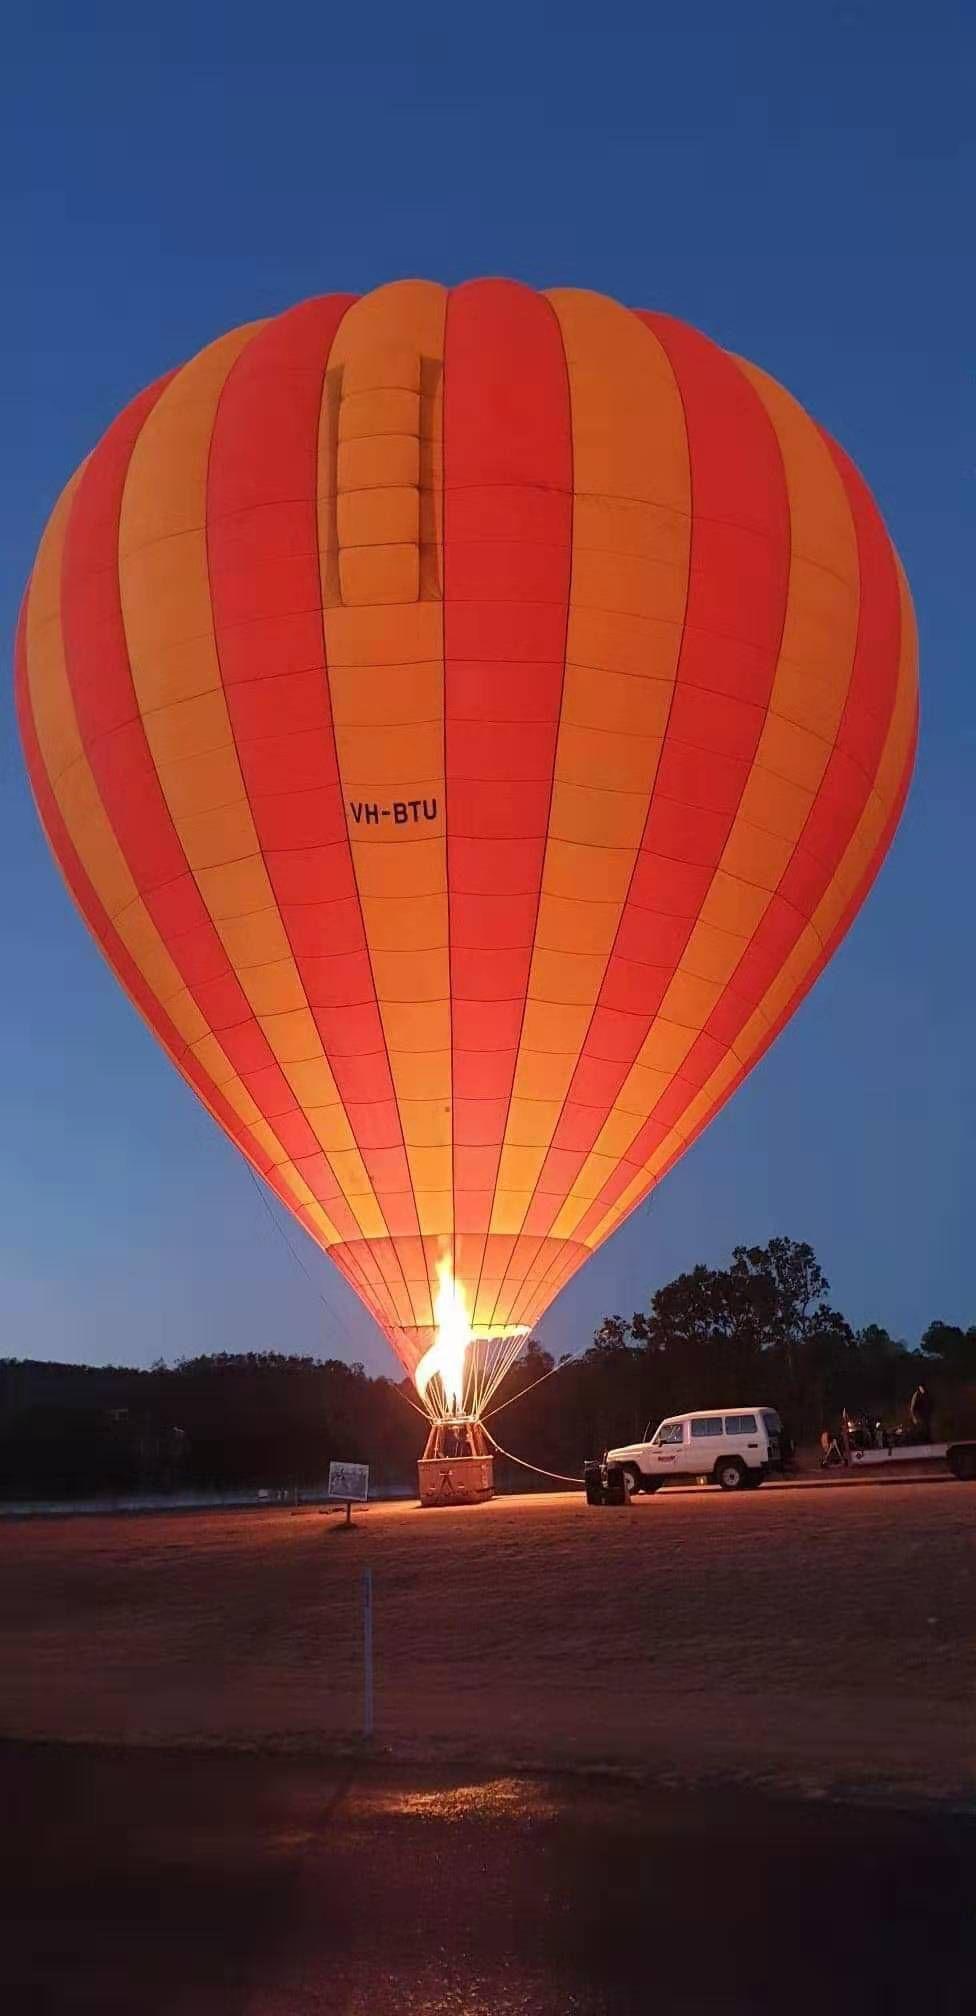 쿠랄빈 밸리 열기구 투어 Kooralbyn Valley Hot Air Ballooning